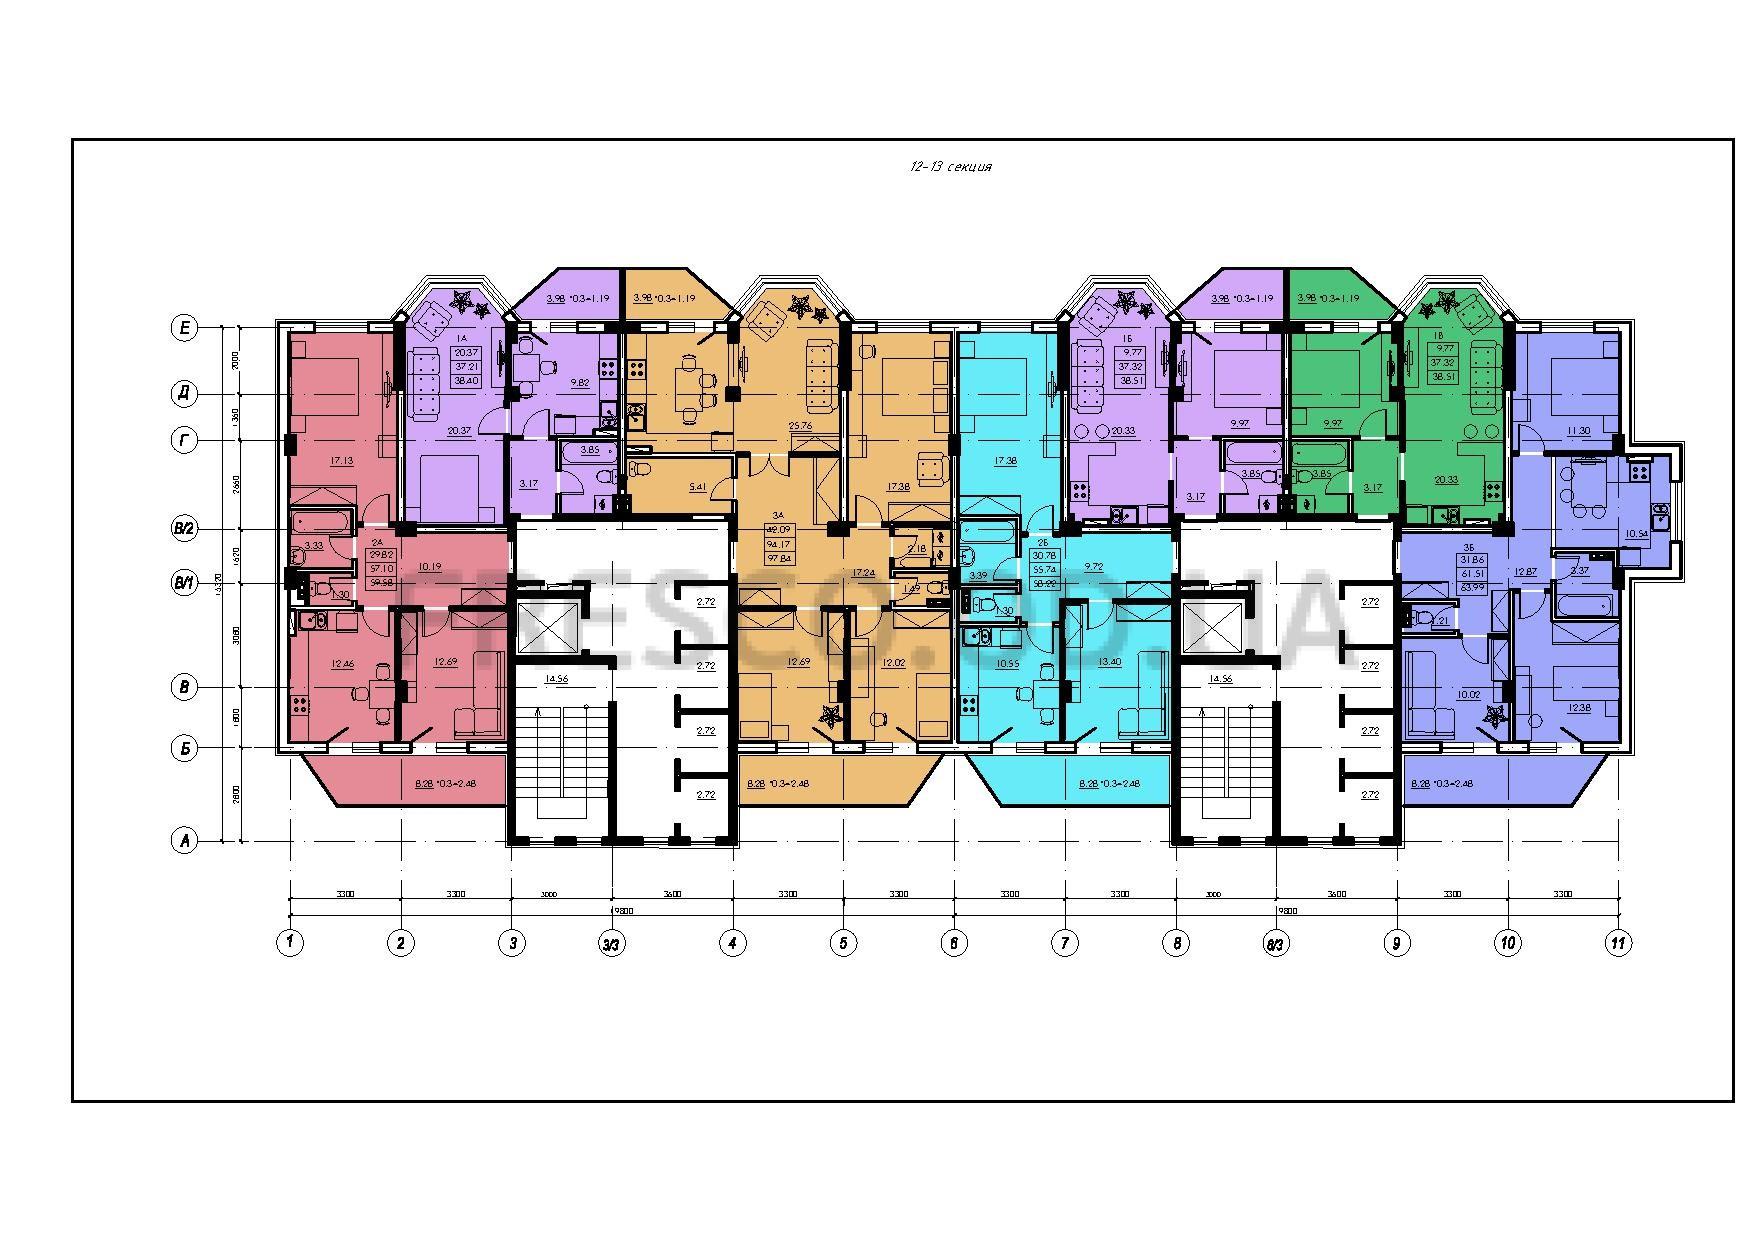 ЖК VENTUM (Вентум) 12-13 секция план типового этажа